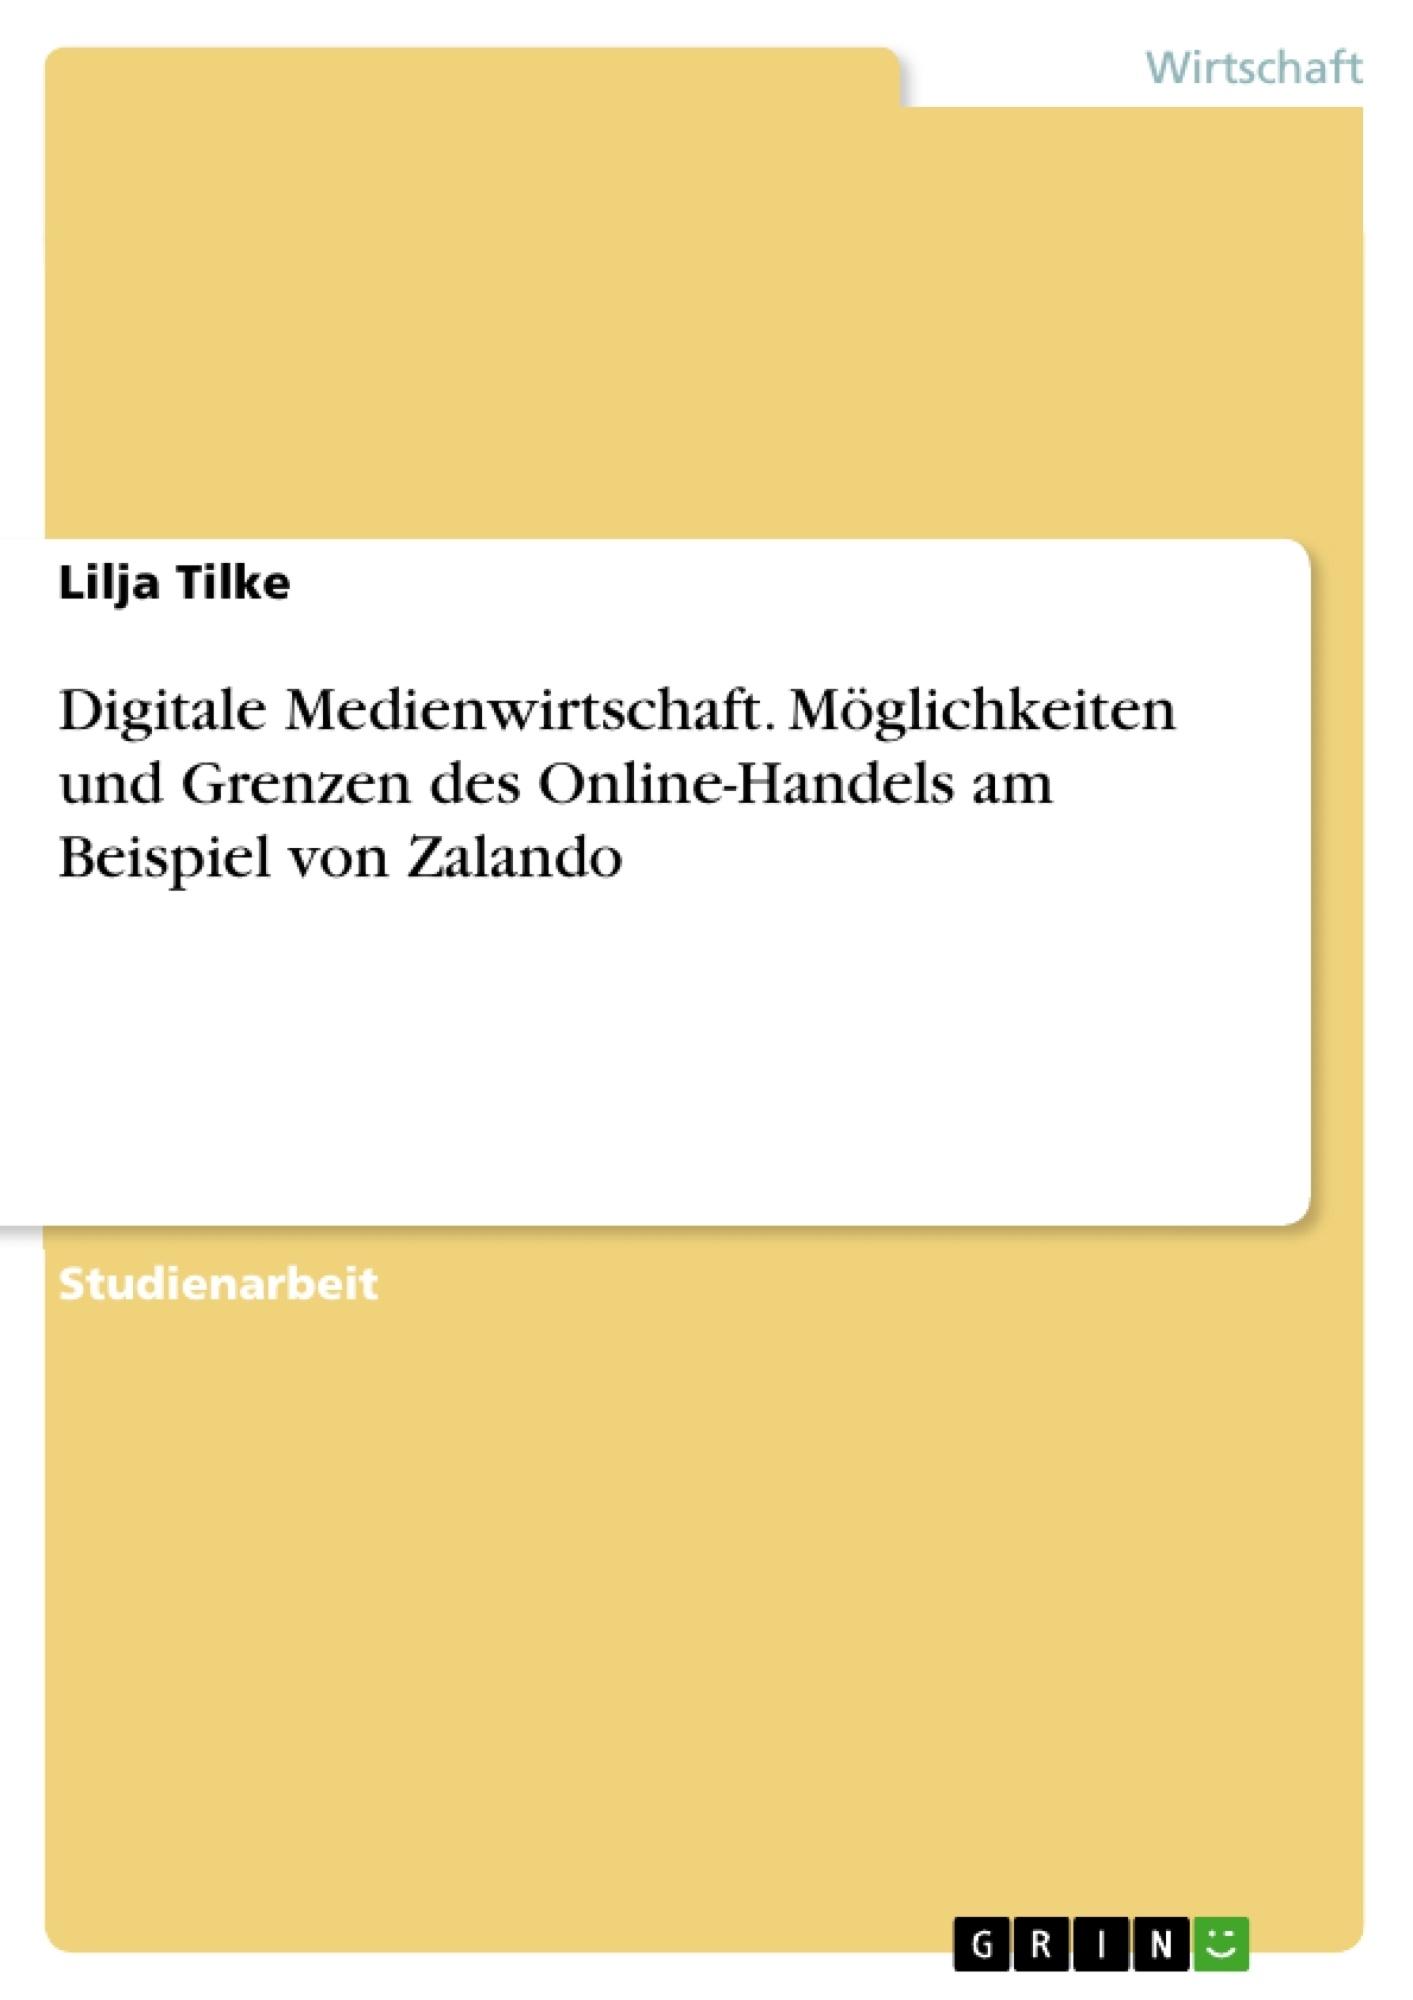 Titel: Digitale Medienwirtschaft. Möglichkeiten und Grenzen des Online-Handels am Beispiel von Zalando